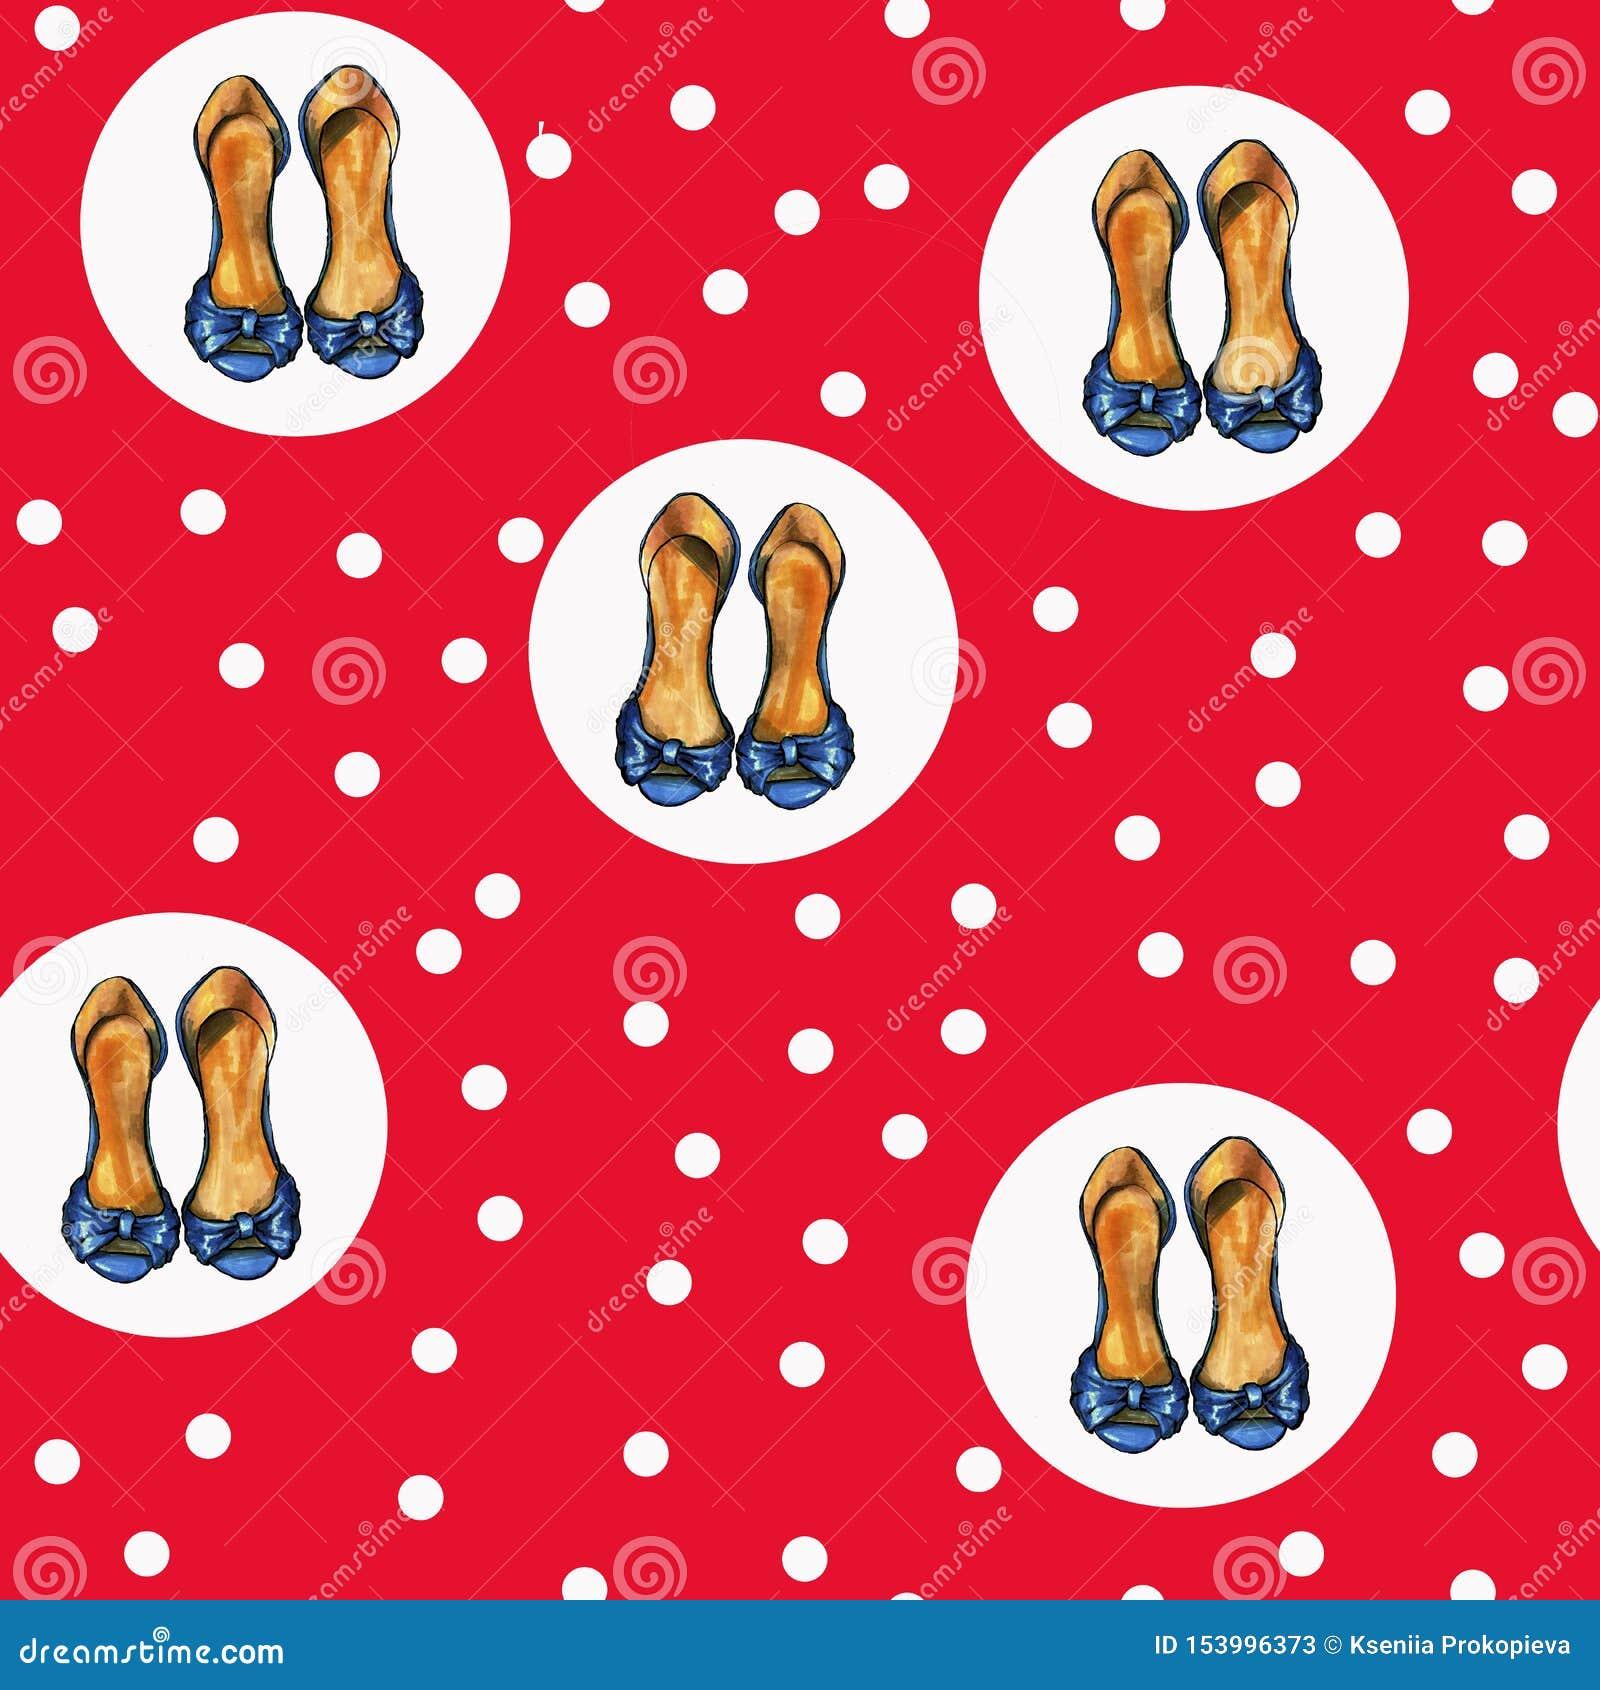 Милая красная картина с белыми точками и ботинками пятки шпилек